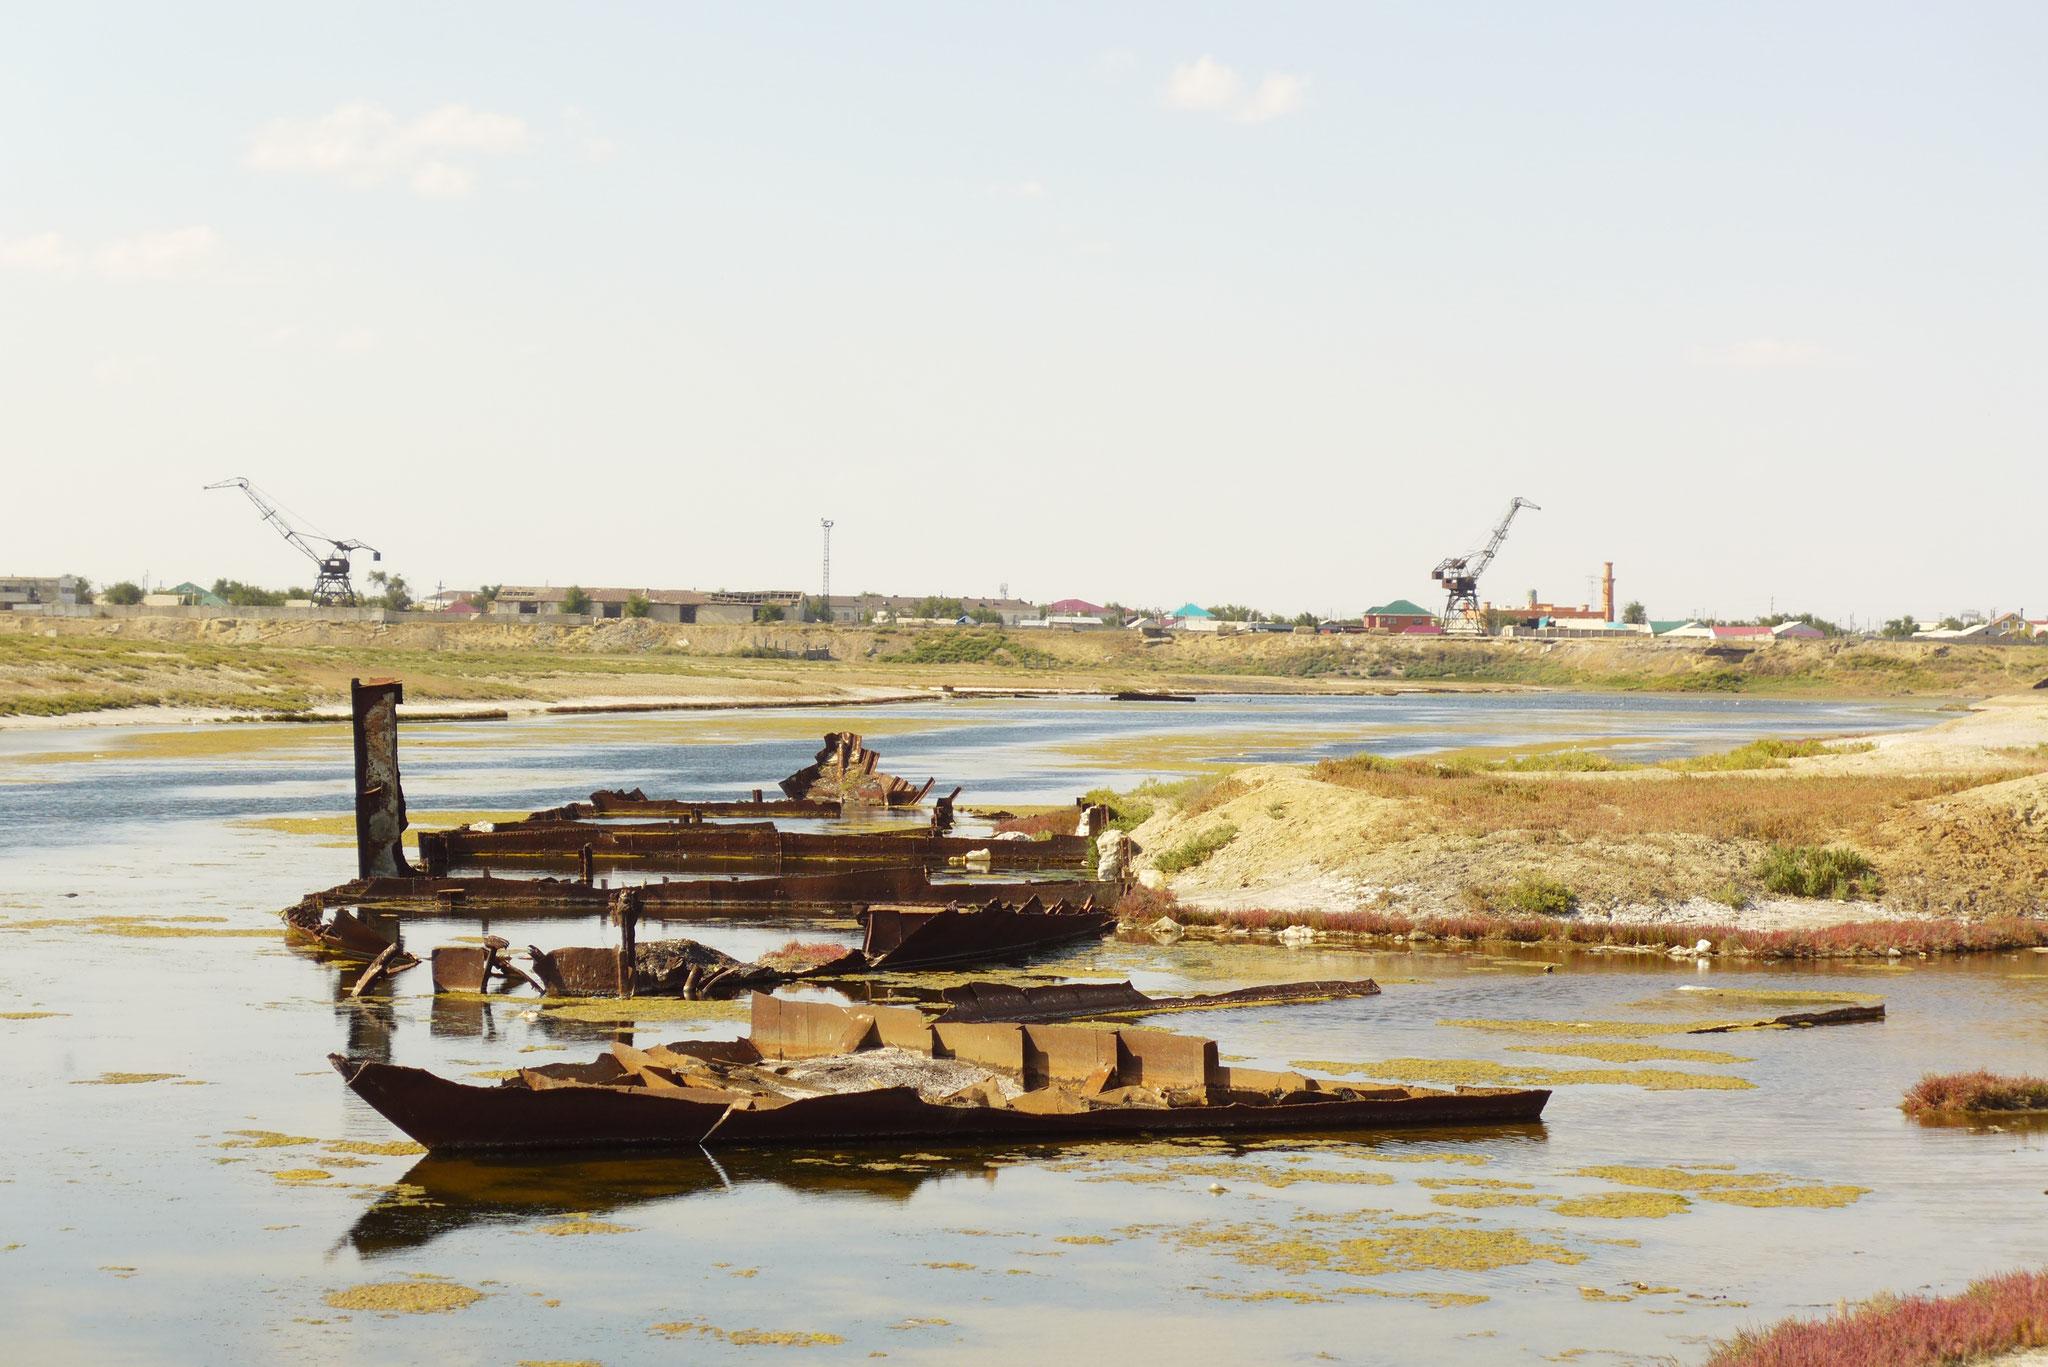 Der Aralsee bei Aral'sk. Der Hafen ist nur noch eine Pfütze. Die Schiffe haben die Hoffnung auf die Rückkehr des Sees längst aufgegeben.